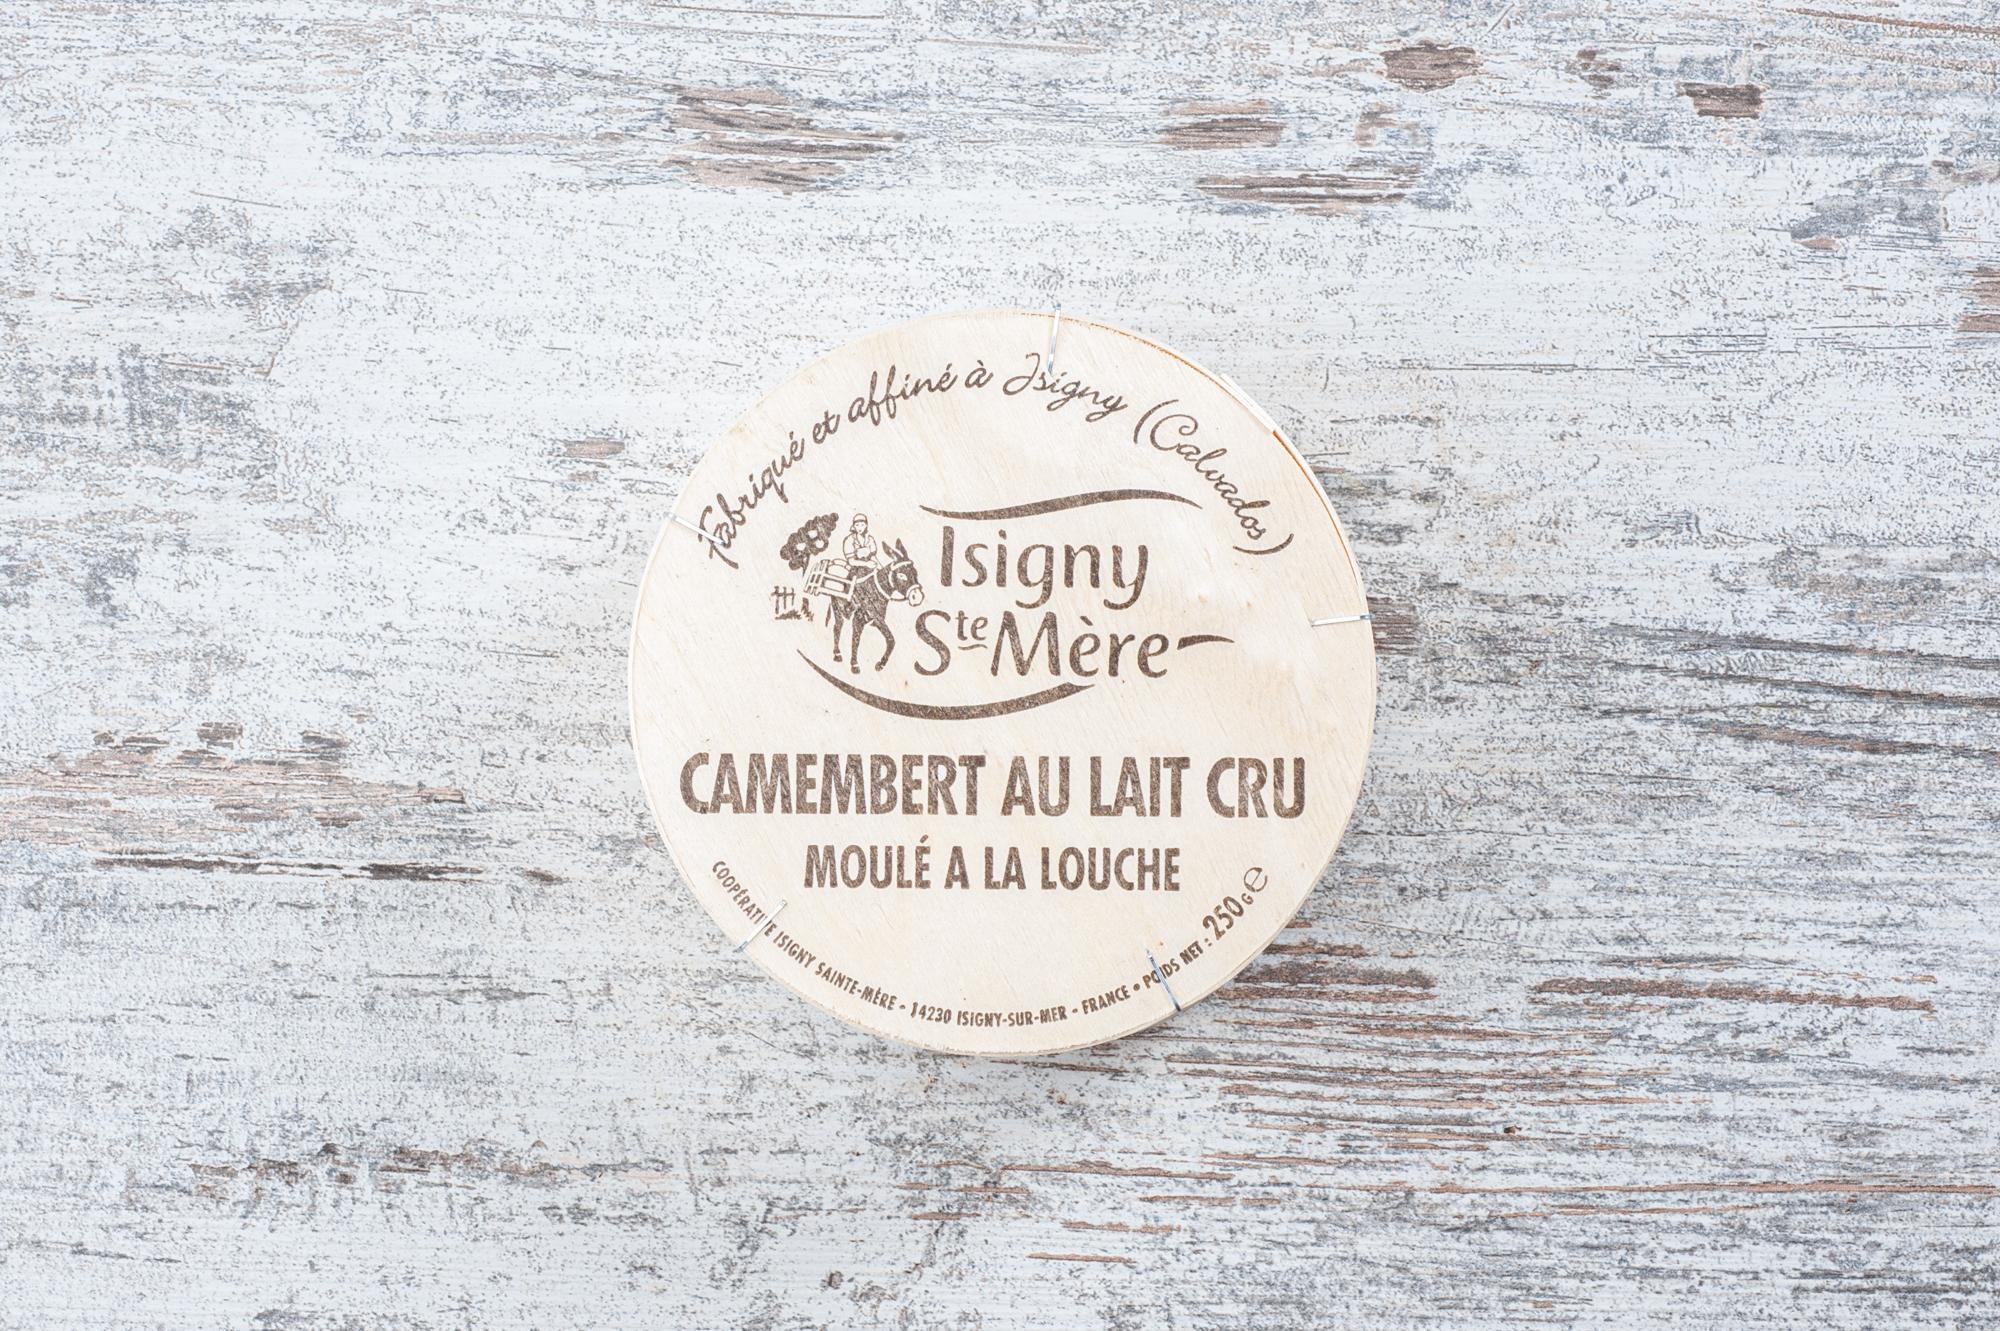 camembert au lait cru cheese